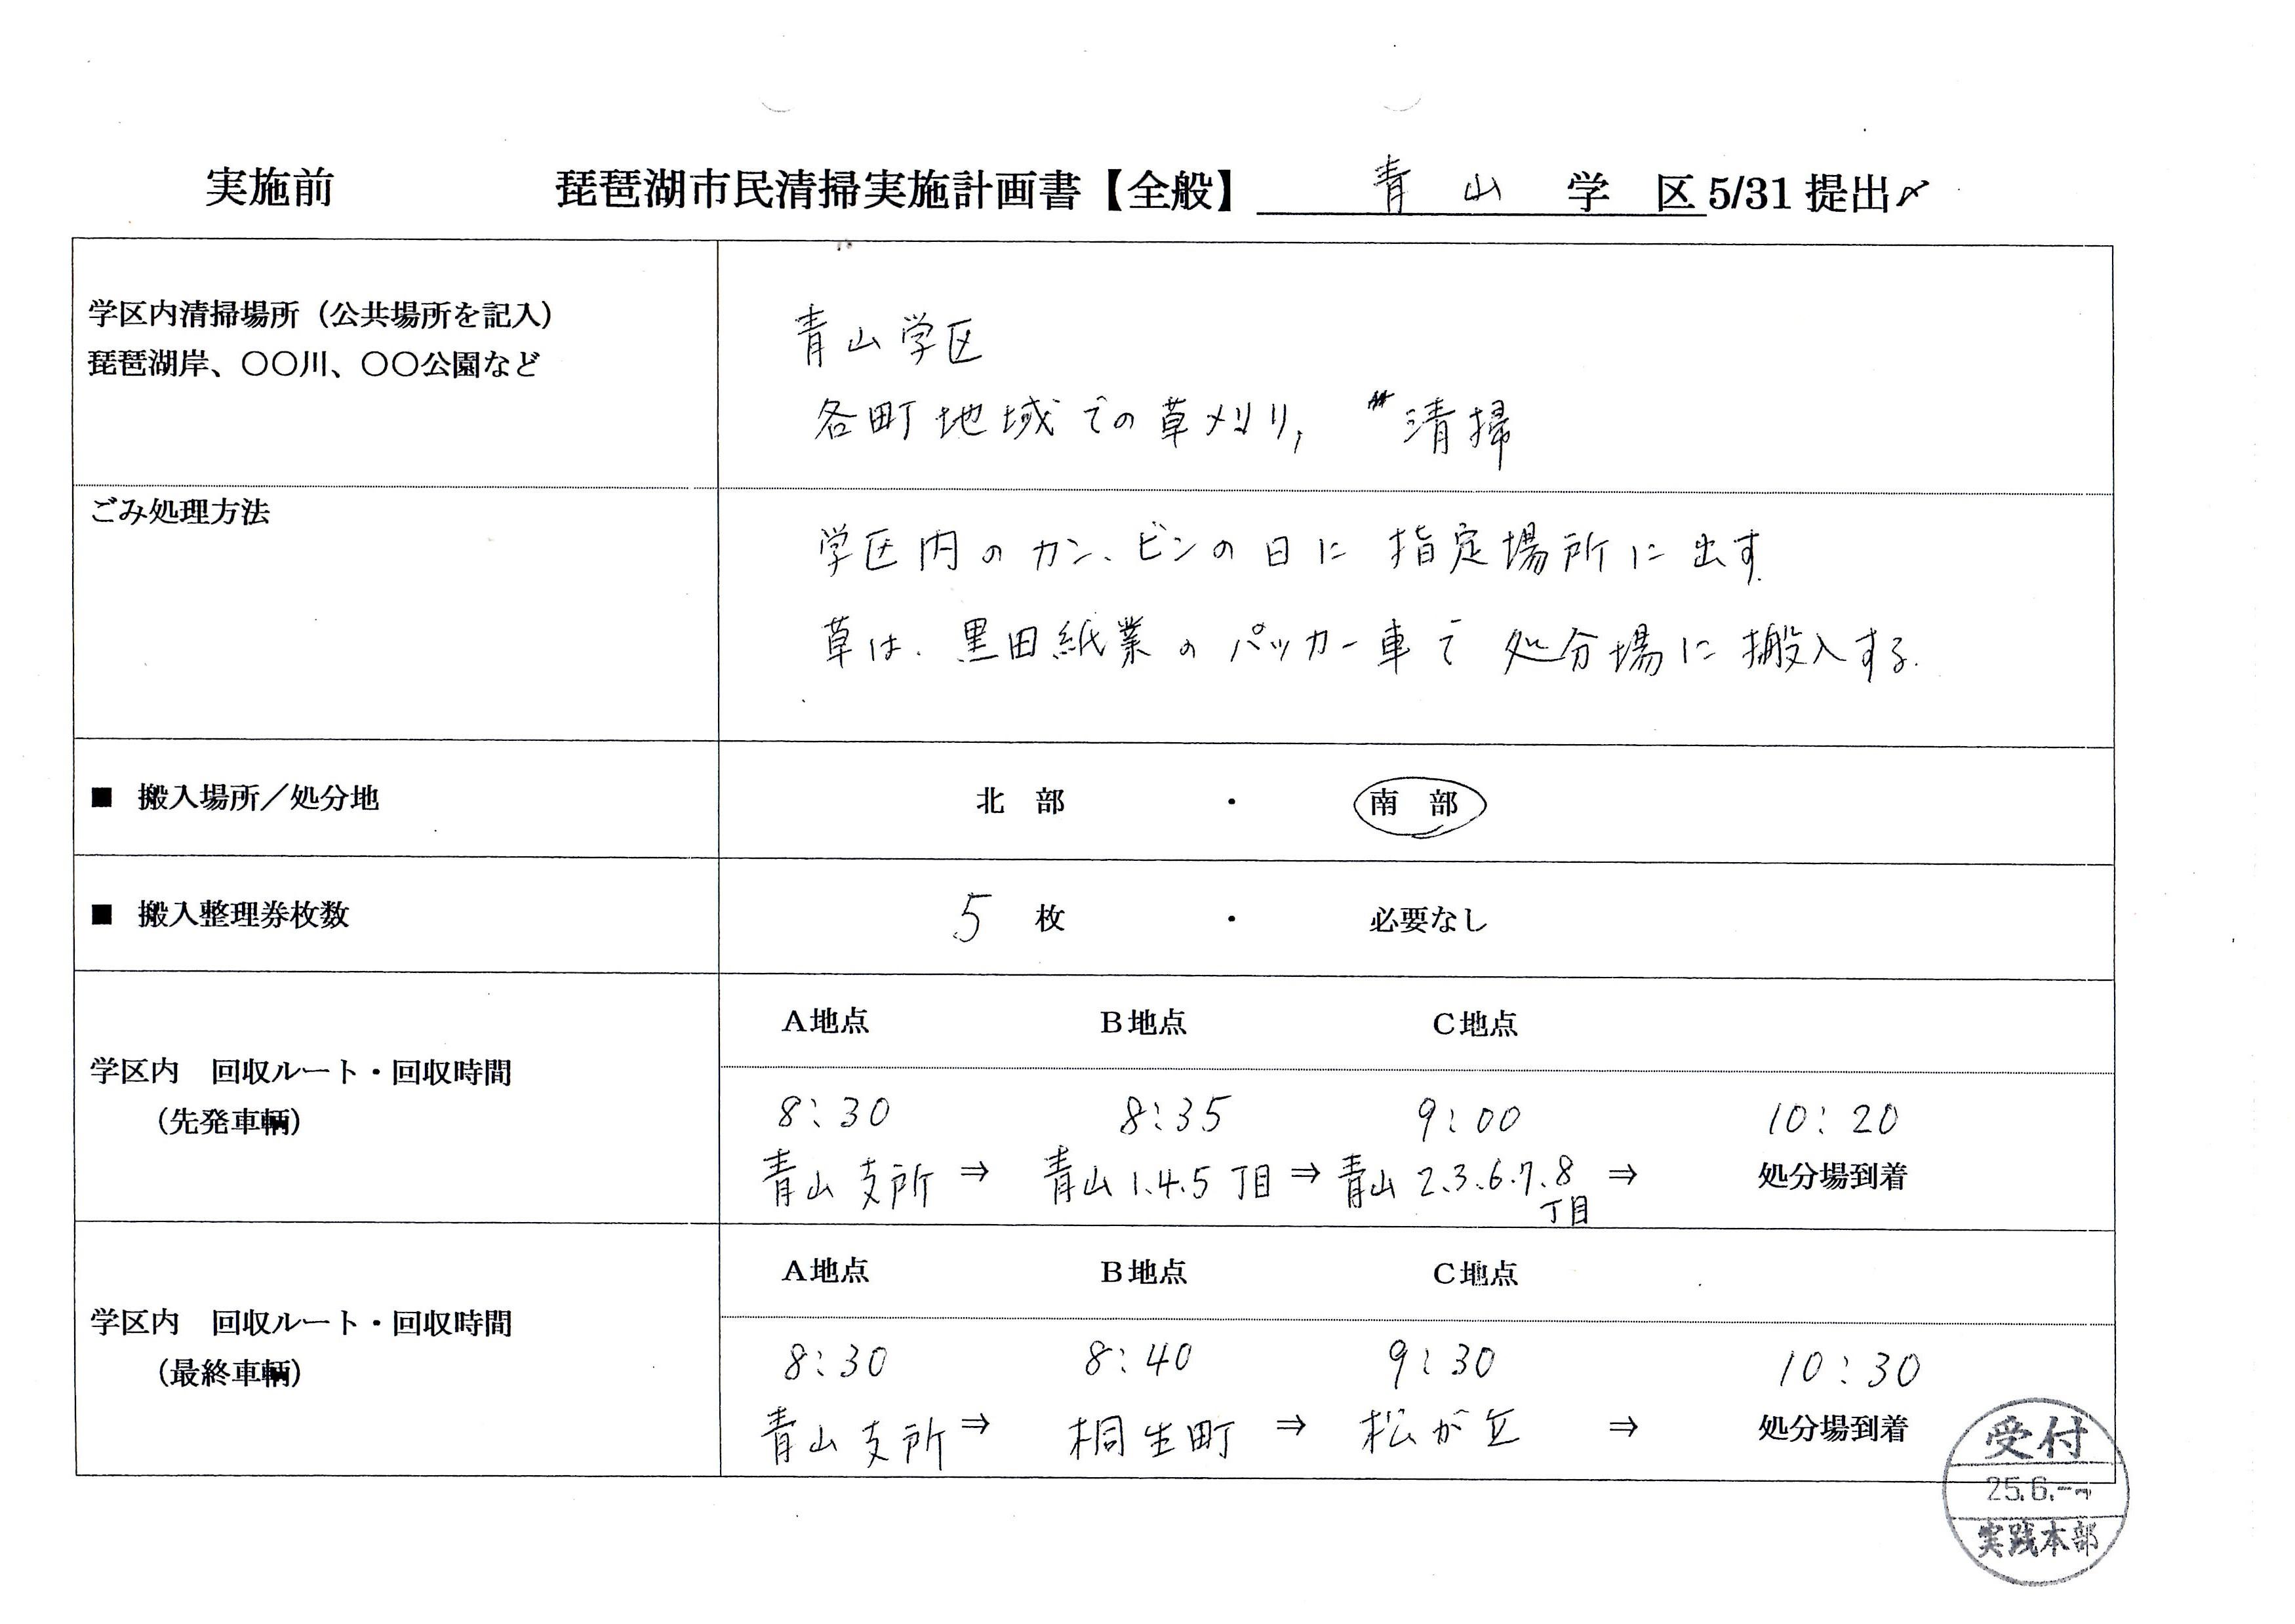 2013年青山計画書